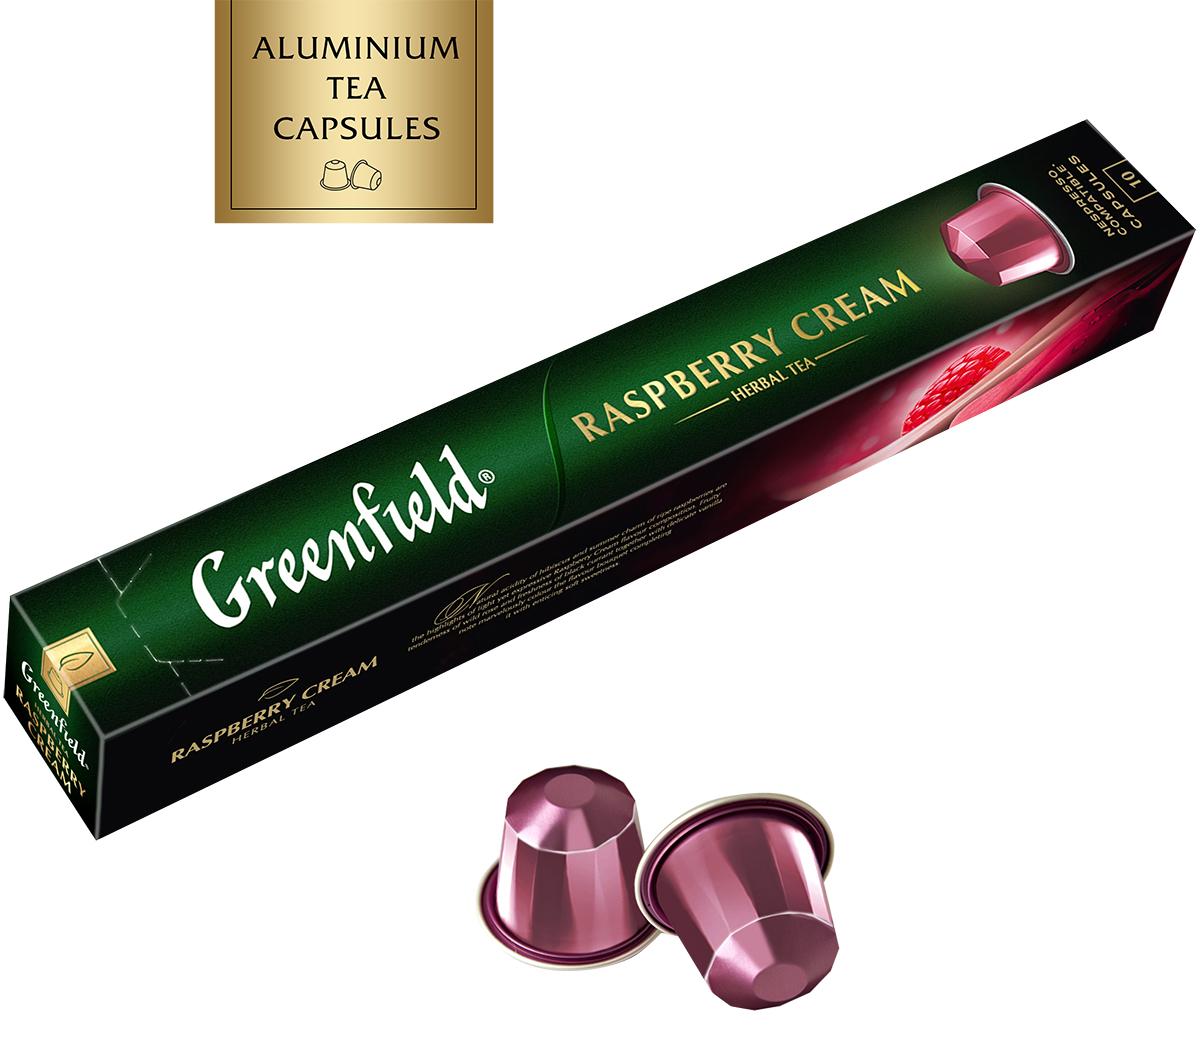 Greenfield Raspberry Cream чайный напиток в алюминиевых капсулах с ароматом малины и ванили, 10 шт по 2,5 г1365-10Чайный напиток с ароматом малины и ванили, с гибискусом и плодами шиповника. Чай с соблазнительной мягкой сладостью.Всё о чае: сорта, факты, советы по выбору и употреблению. Статья OZON Гид